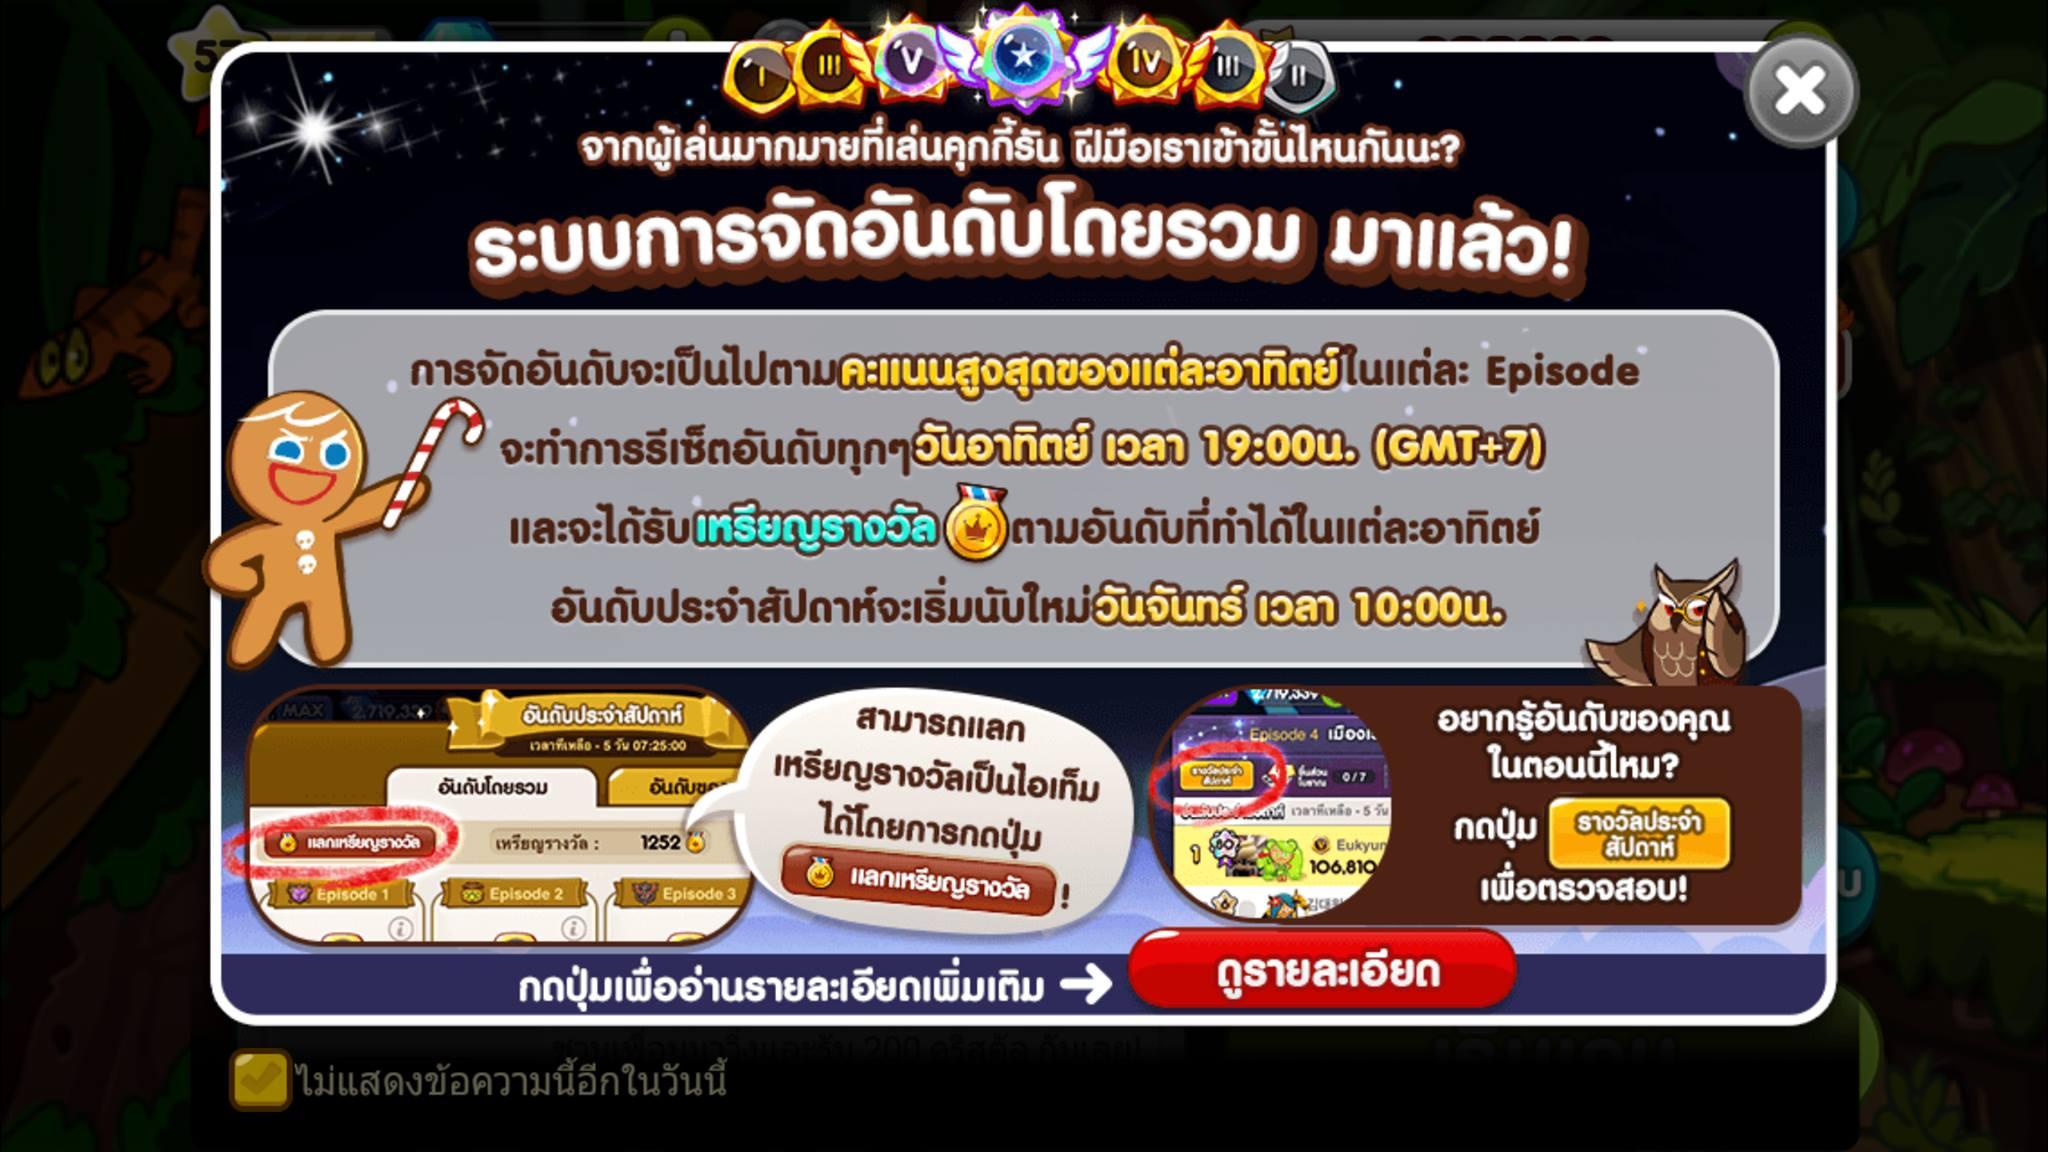 Cookierun12185711_10205672039135367_1377091929_o